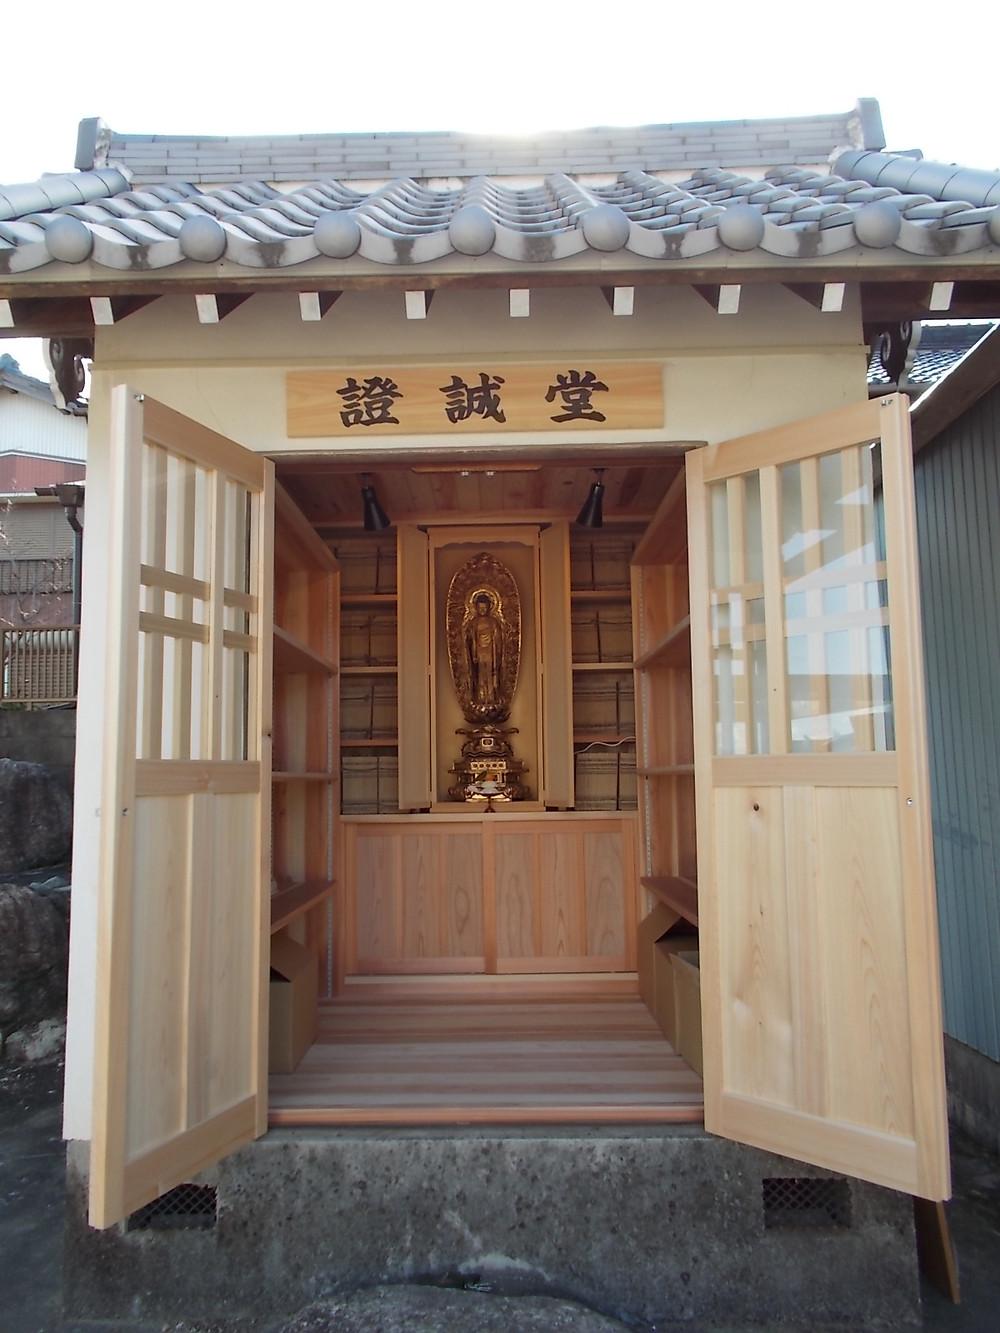 納骨堂|桑名市のお寺 浄光寺